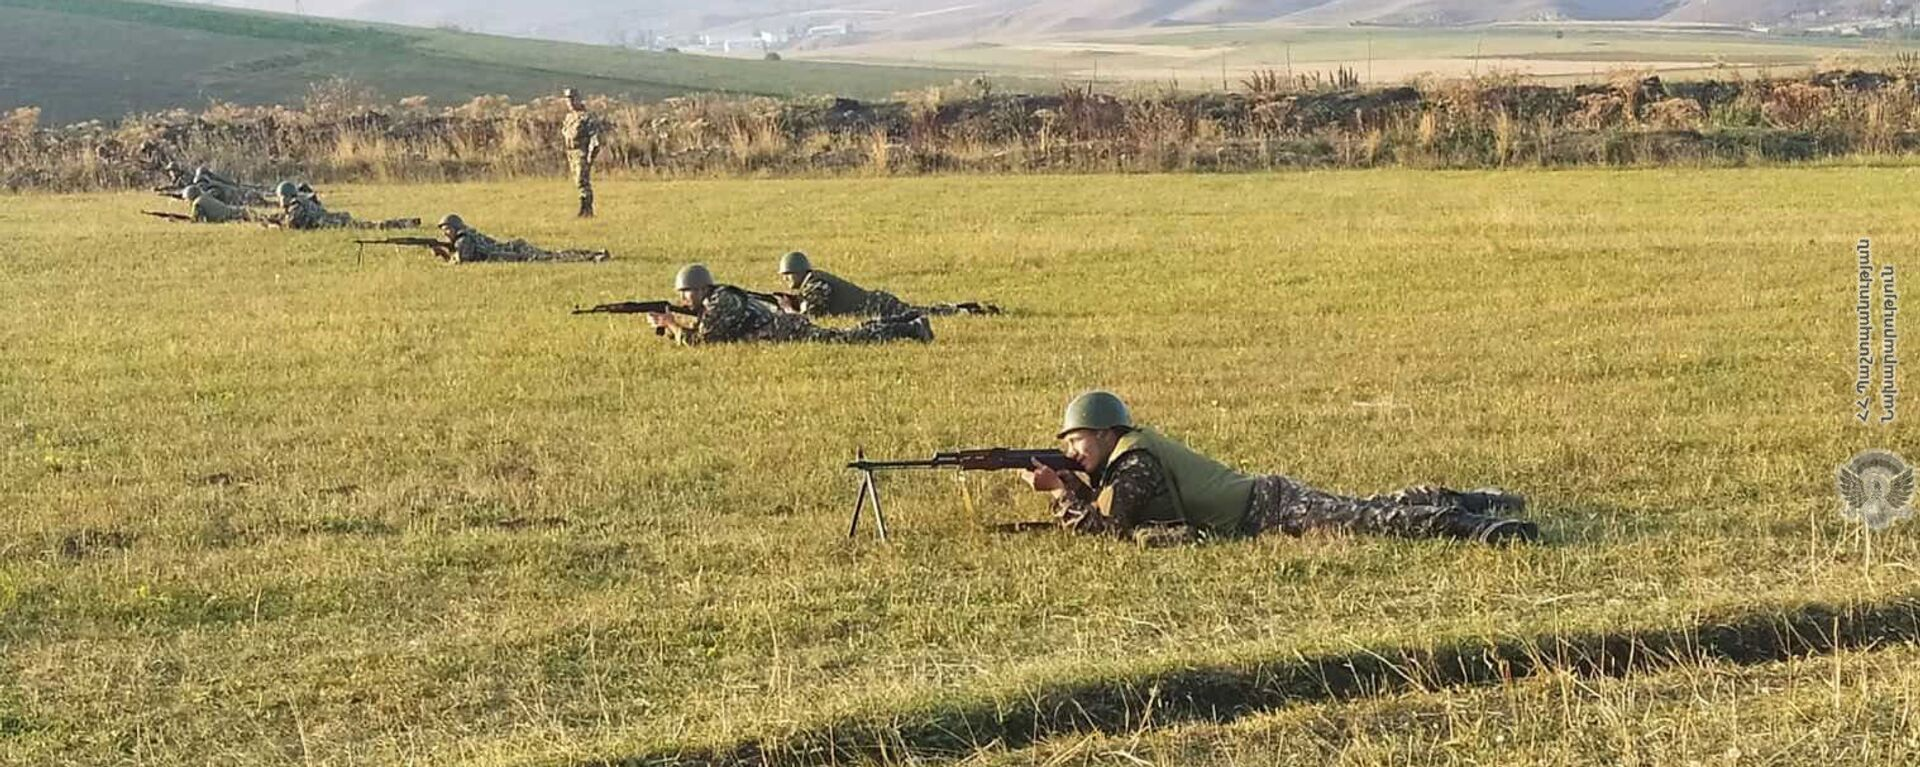 Армянские военнослужащие во время практических занятий - Sputnik Армения, 1920, 22.09.2021